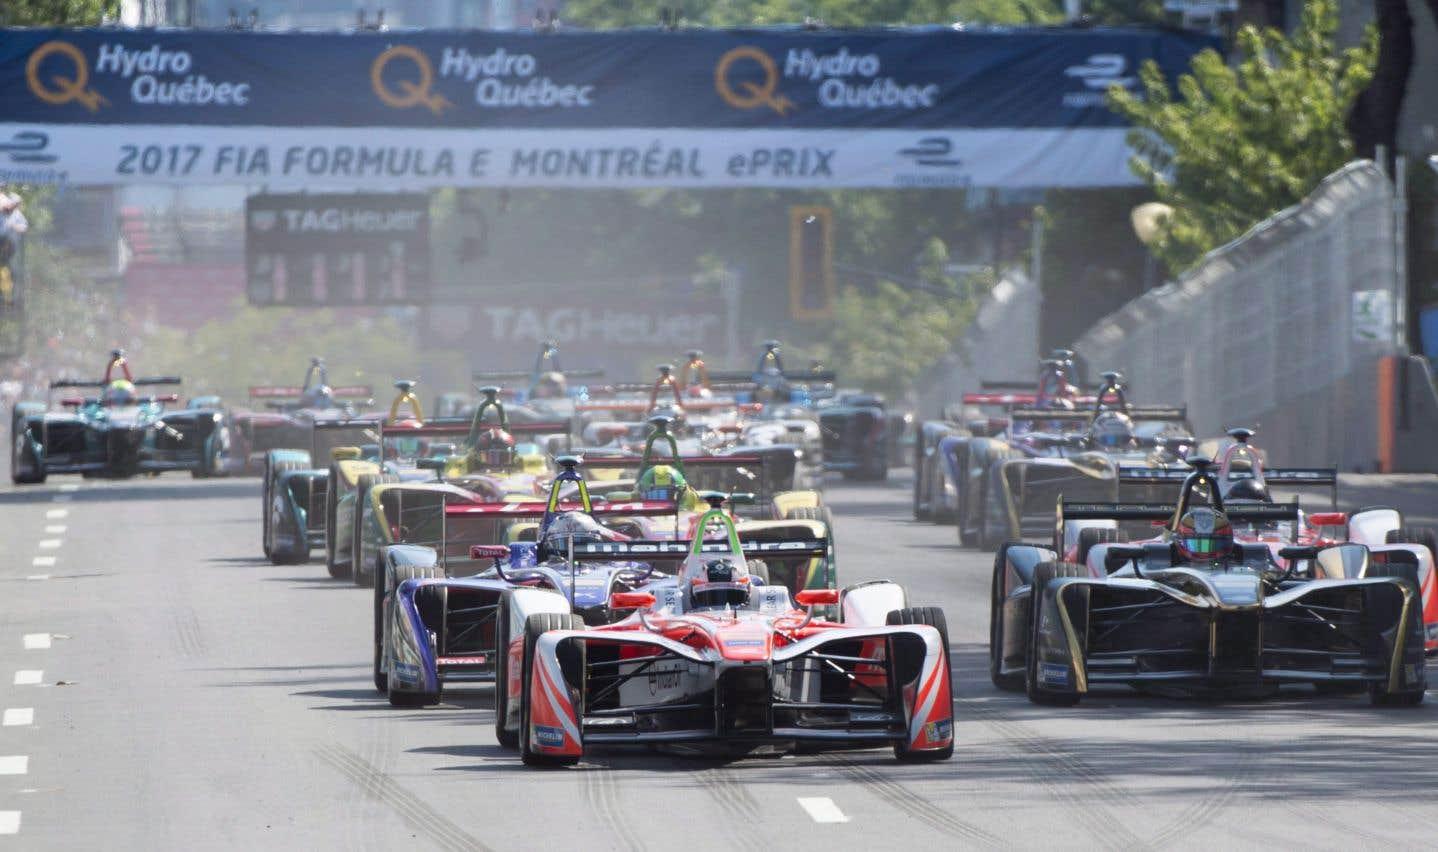 Montréal c'est électrique a annoncé lundi dernier qu'elle cessait ses opérations à la suite de la décision de l'administration de Valérie Plante de ne plus présenter de course de Formule E à Montréal.